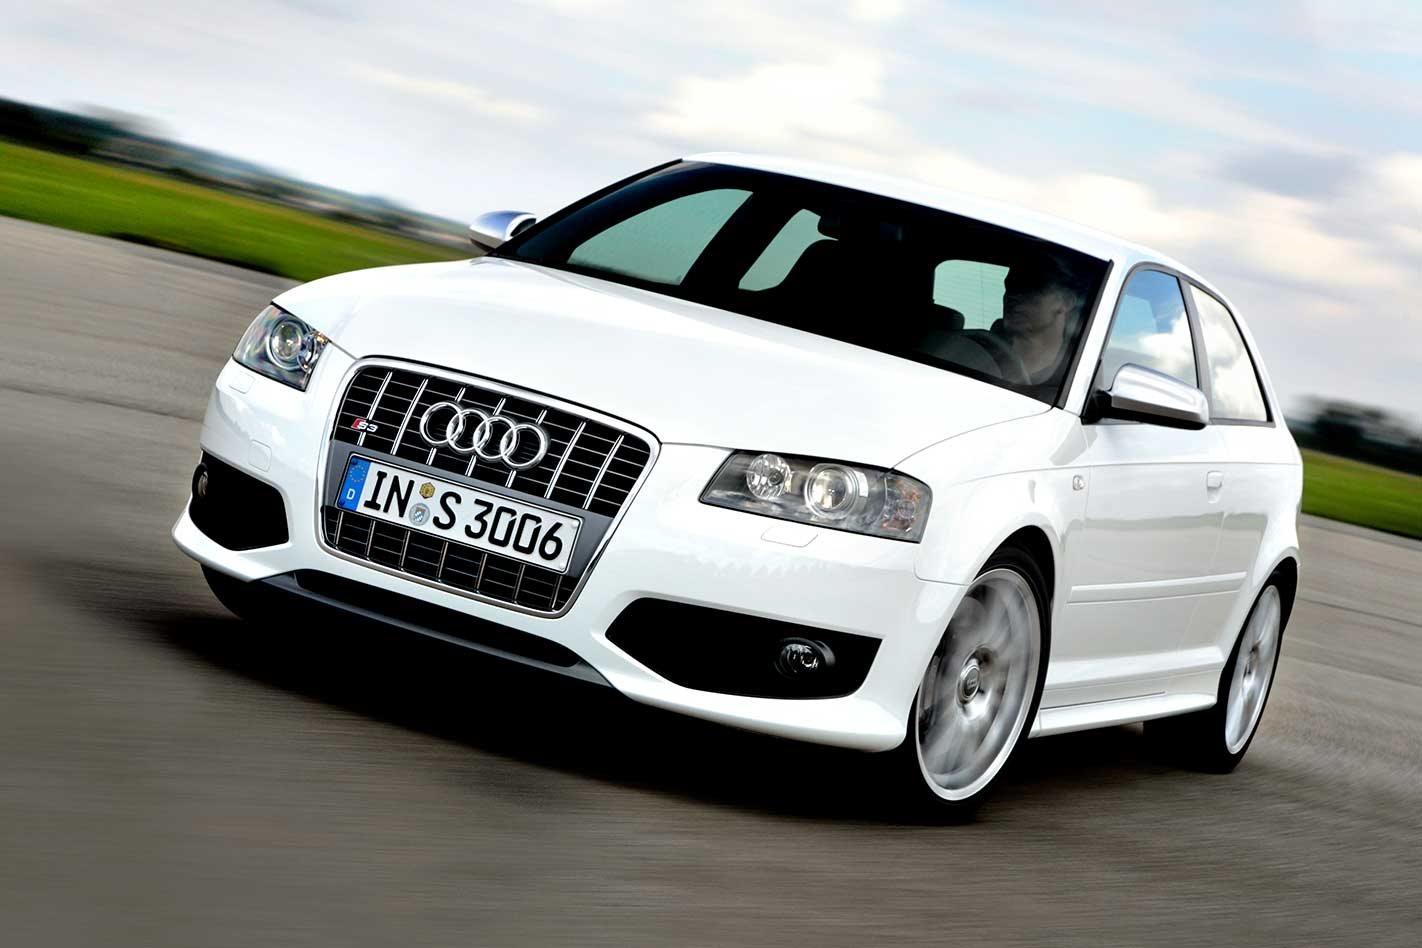 Kekurangan Audi S3 2006 Top Model Tahun Ini